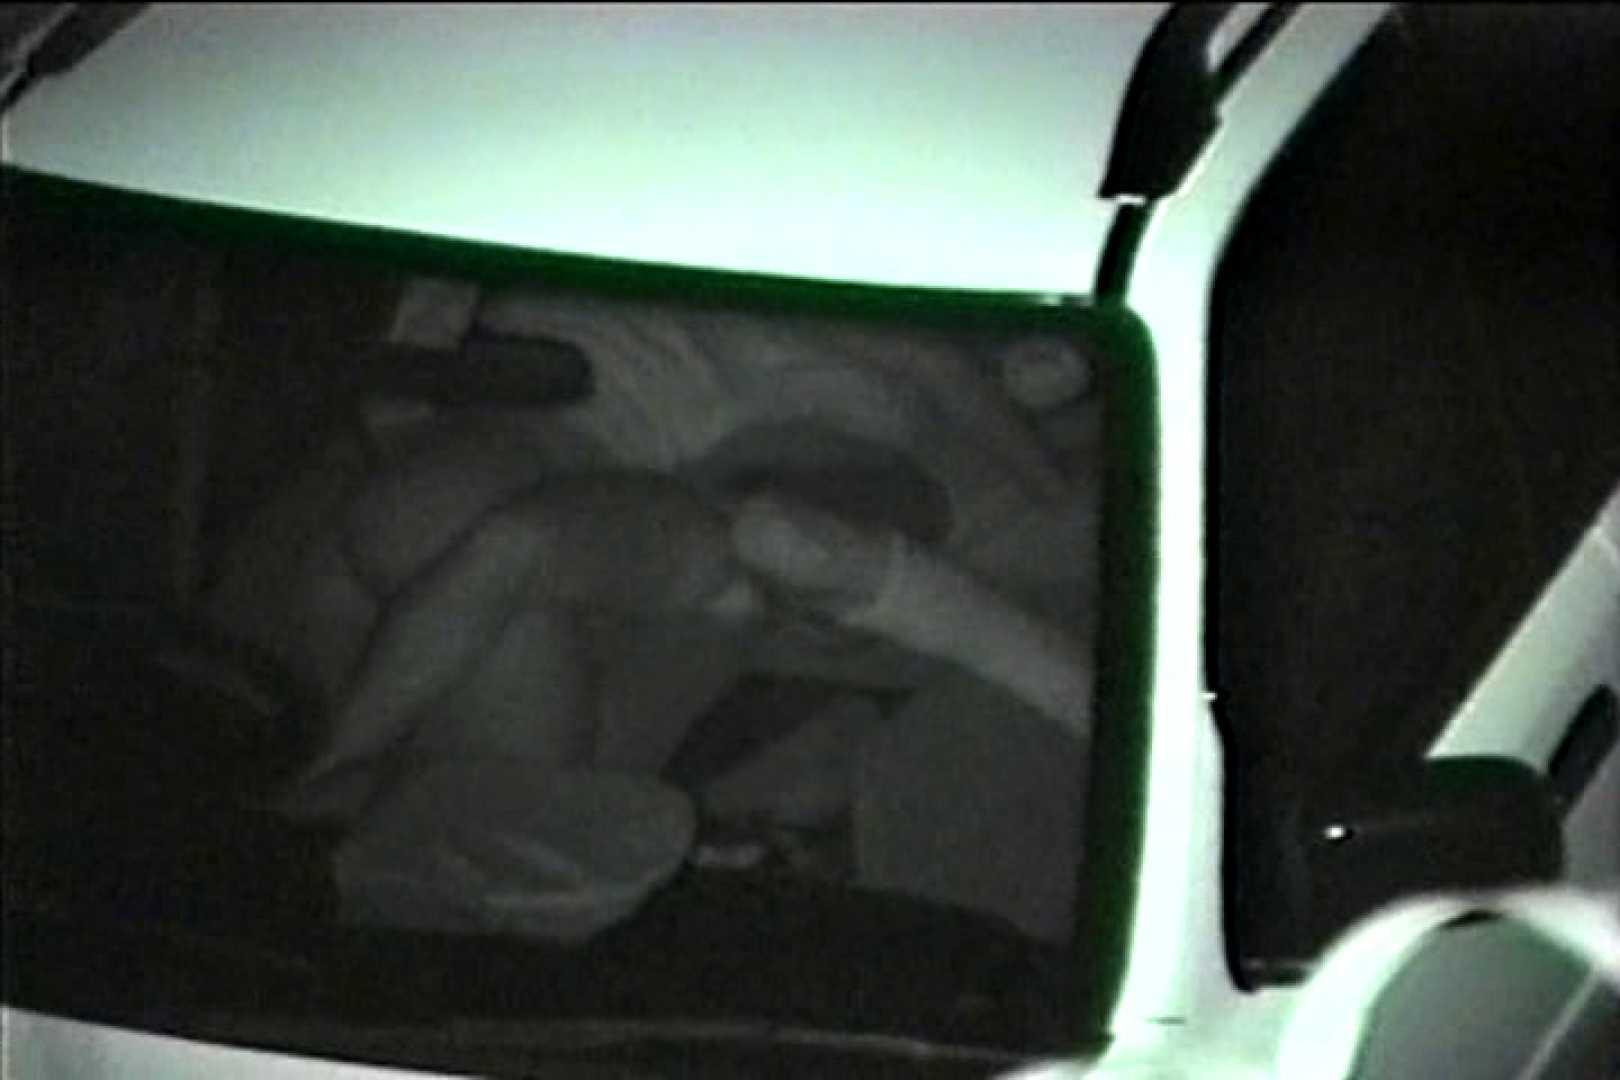 車の中はラブホテル 無修正版  Vol.7 カーセックス アダルト動画キャプチャ 41pic 22